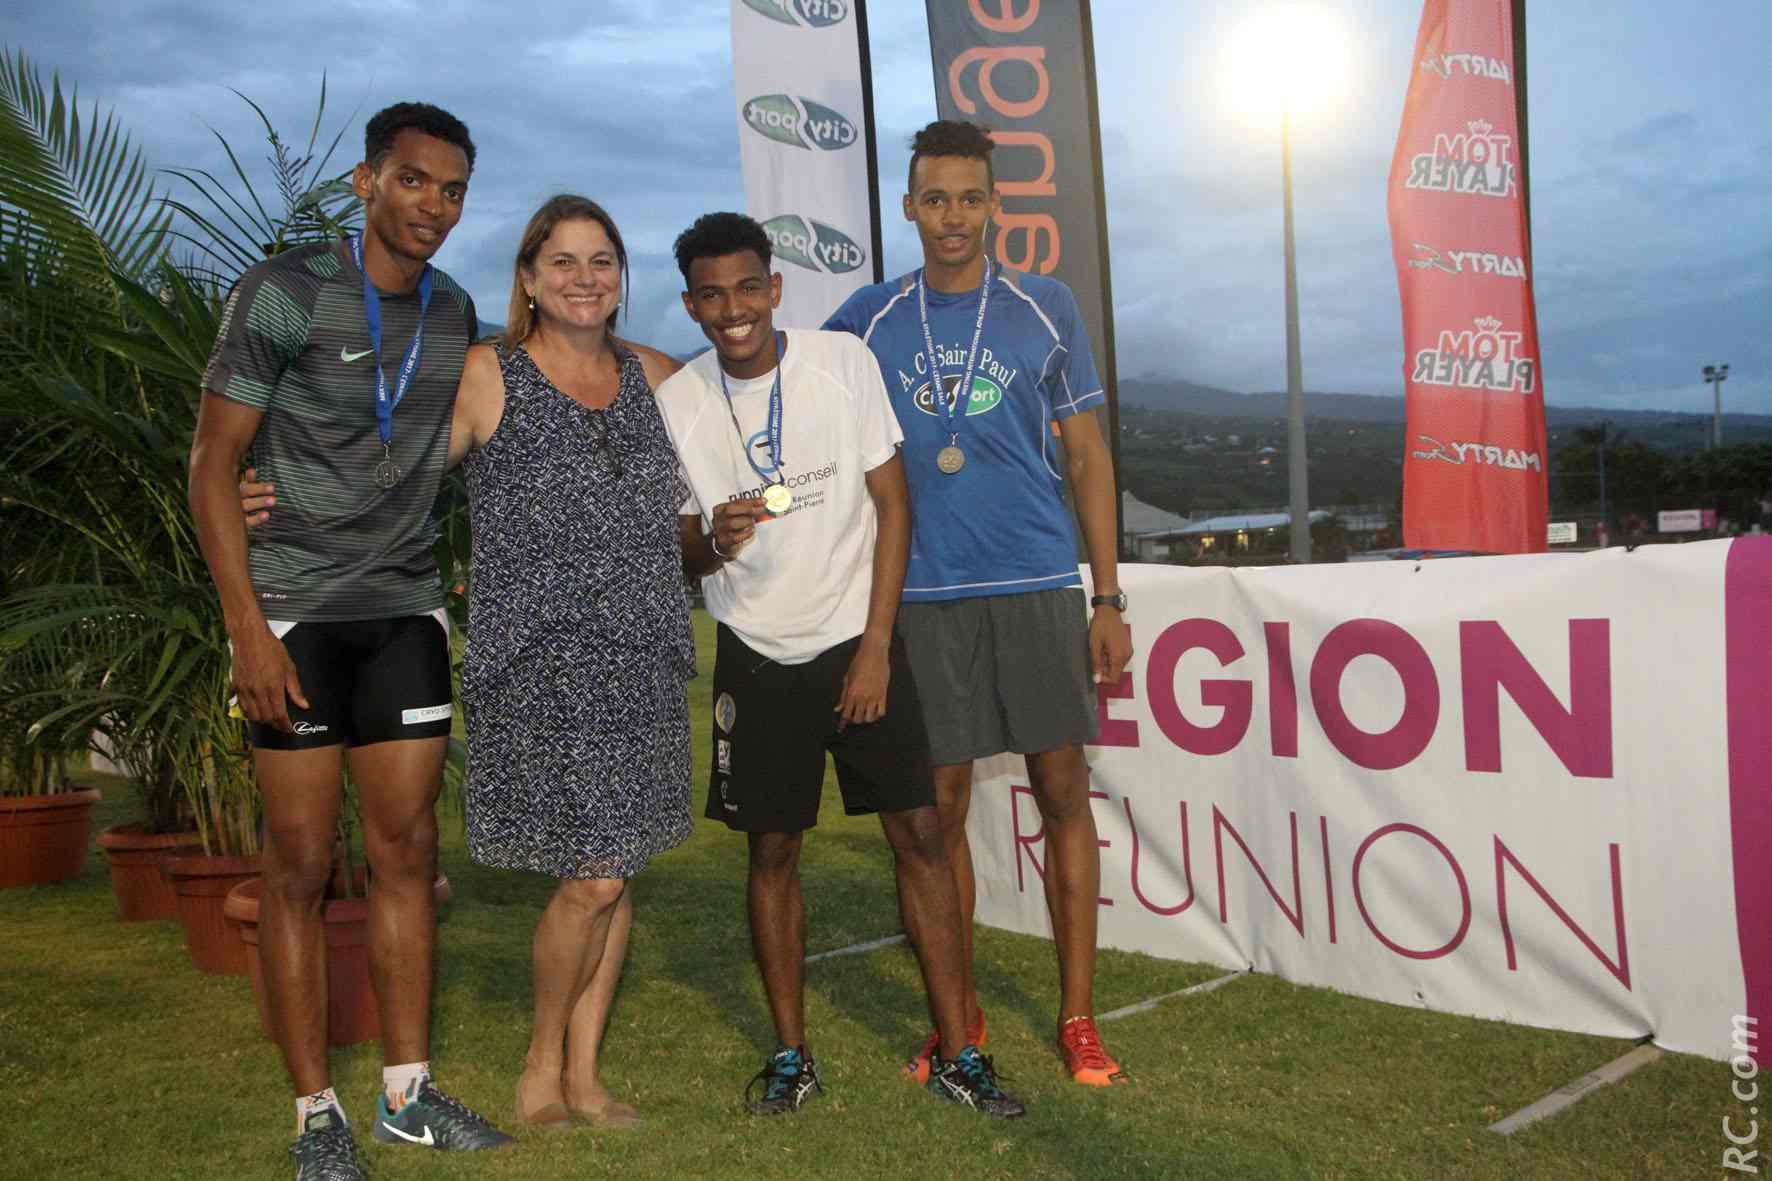 Les félicitations de Yolaine Costes aux trois premiers du 400m remporté par Fabrizio Saïdy